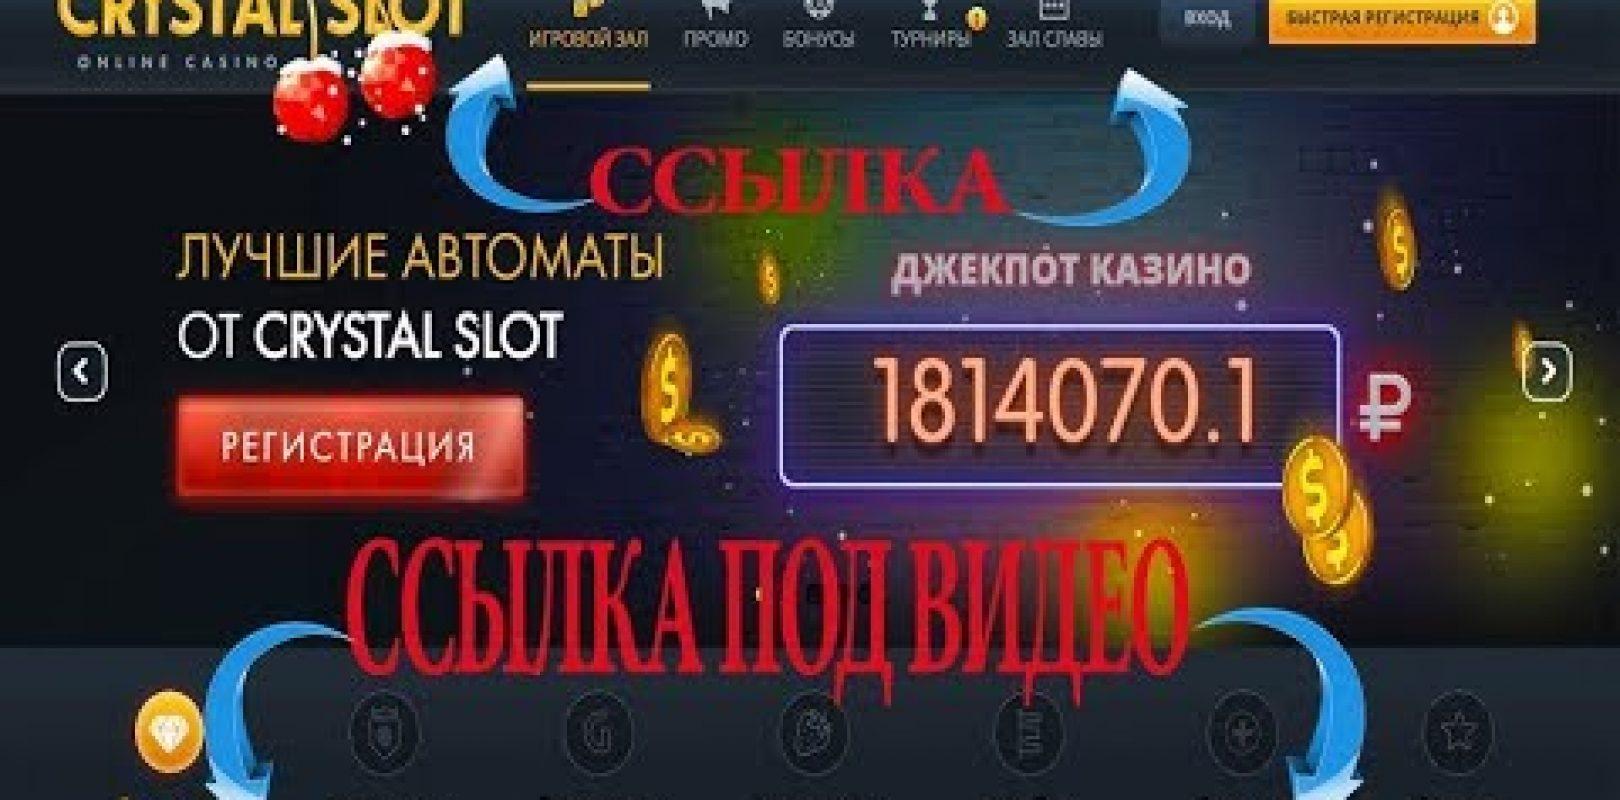 играть в игровые автоматы бесплатно без регистрации демо в хорошем качестве